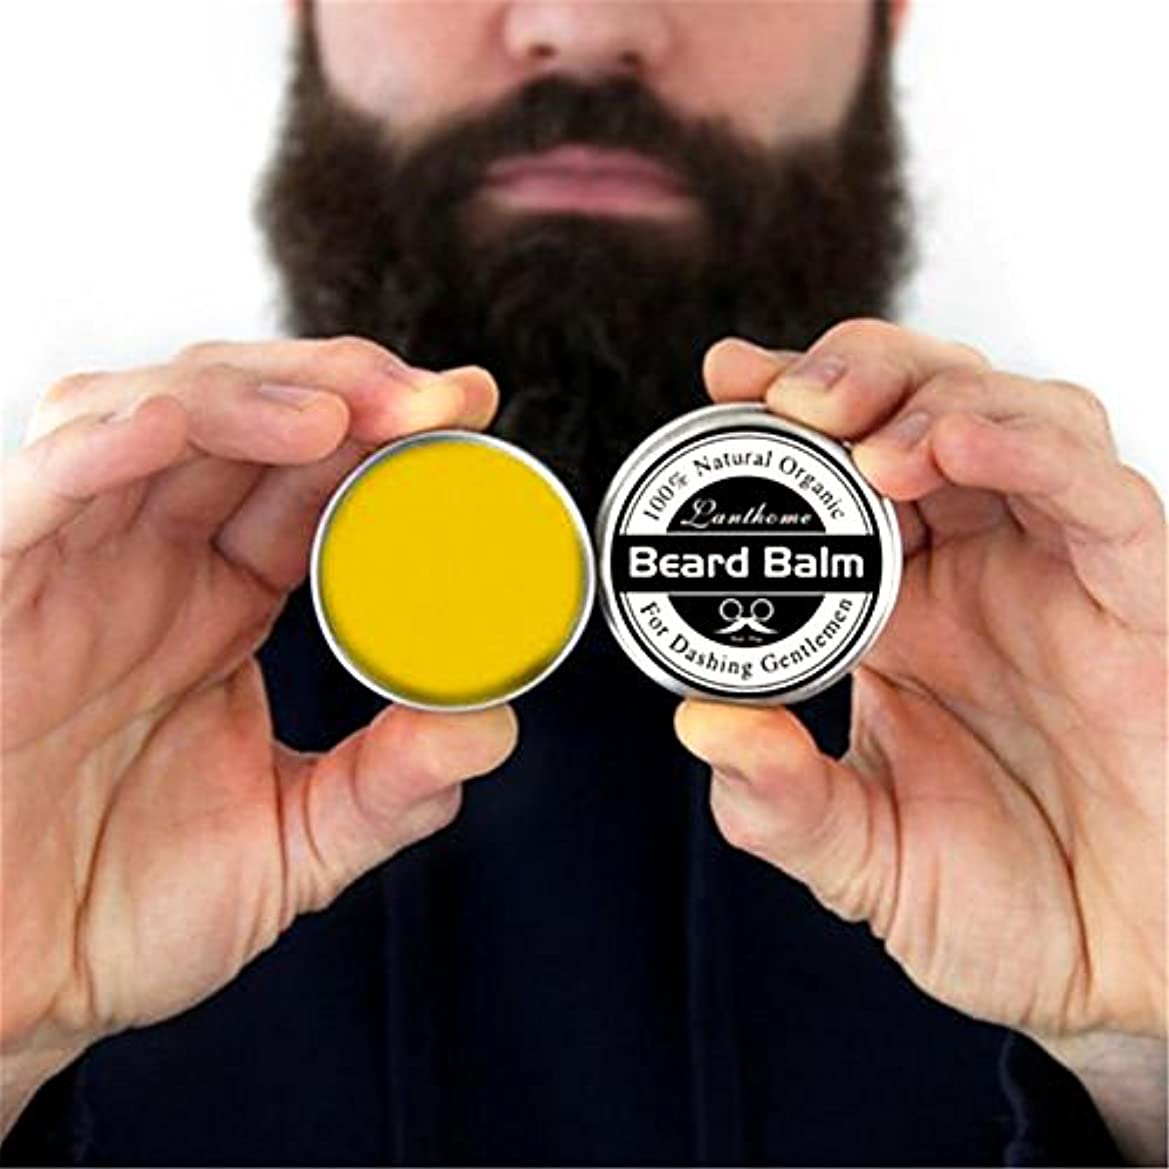 思春期許す鉱夫Ruier-tong ビアードバーム メンズひげワックス 口髭用ワックス ひげクリーム 保湿/滋養/ひげ根のケアなどの効果  ひげケア必需品 携帯便利